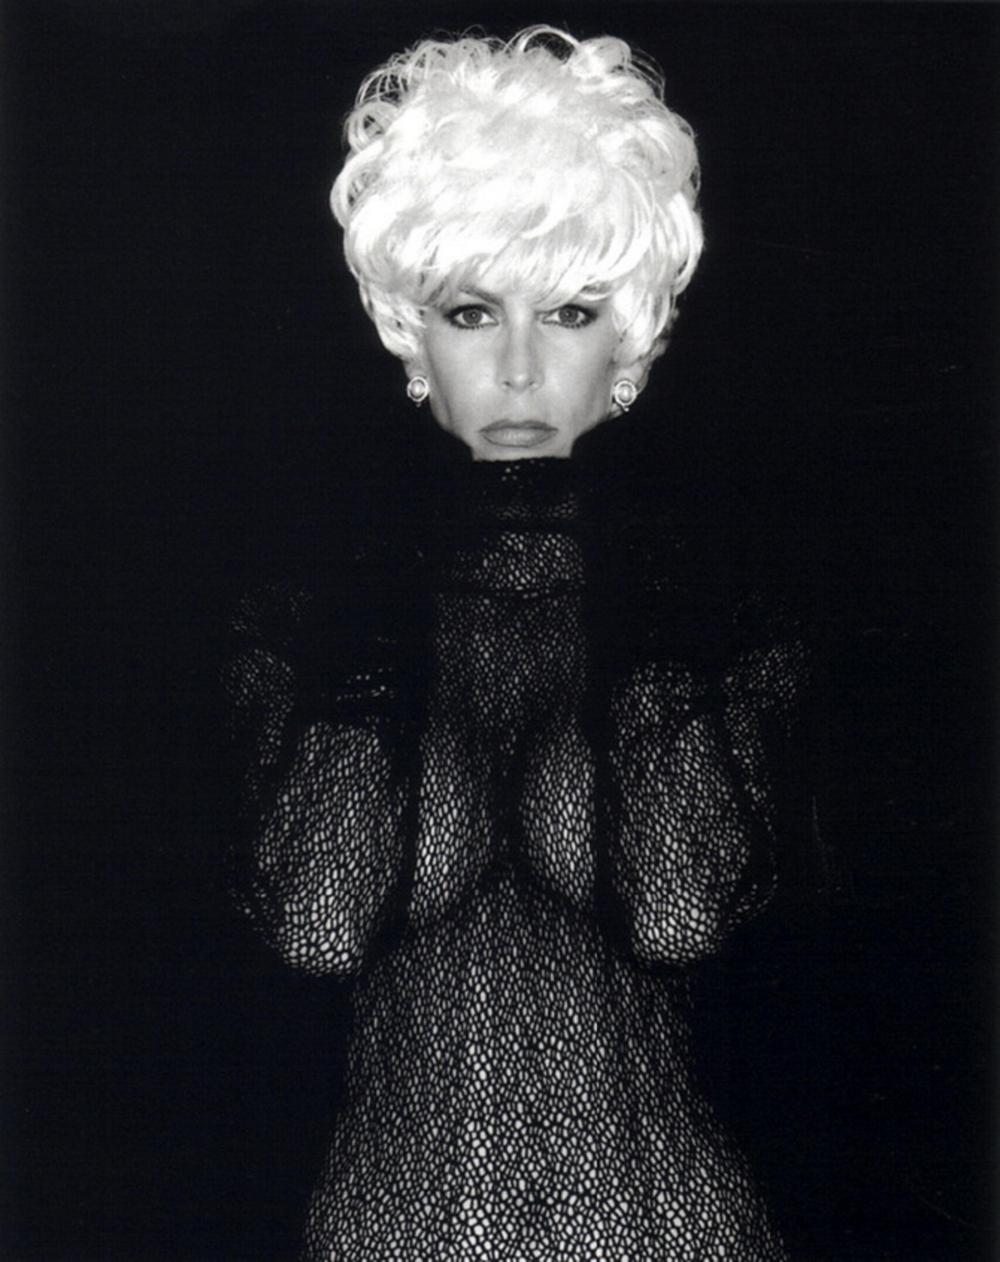 Грег Горман один из лучших в съёмке портретов знаменитостей и непревзойдённый мастер мужского ню 21